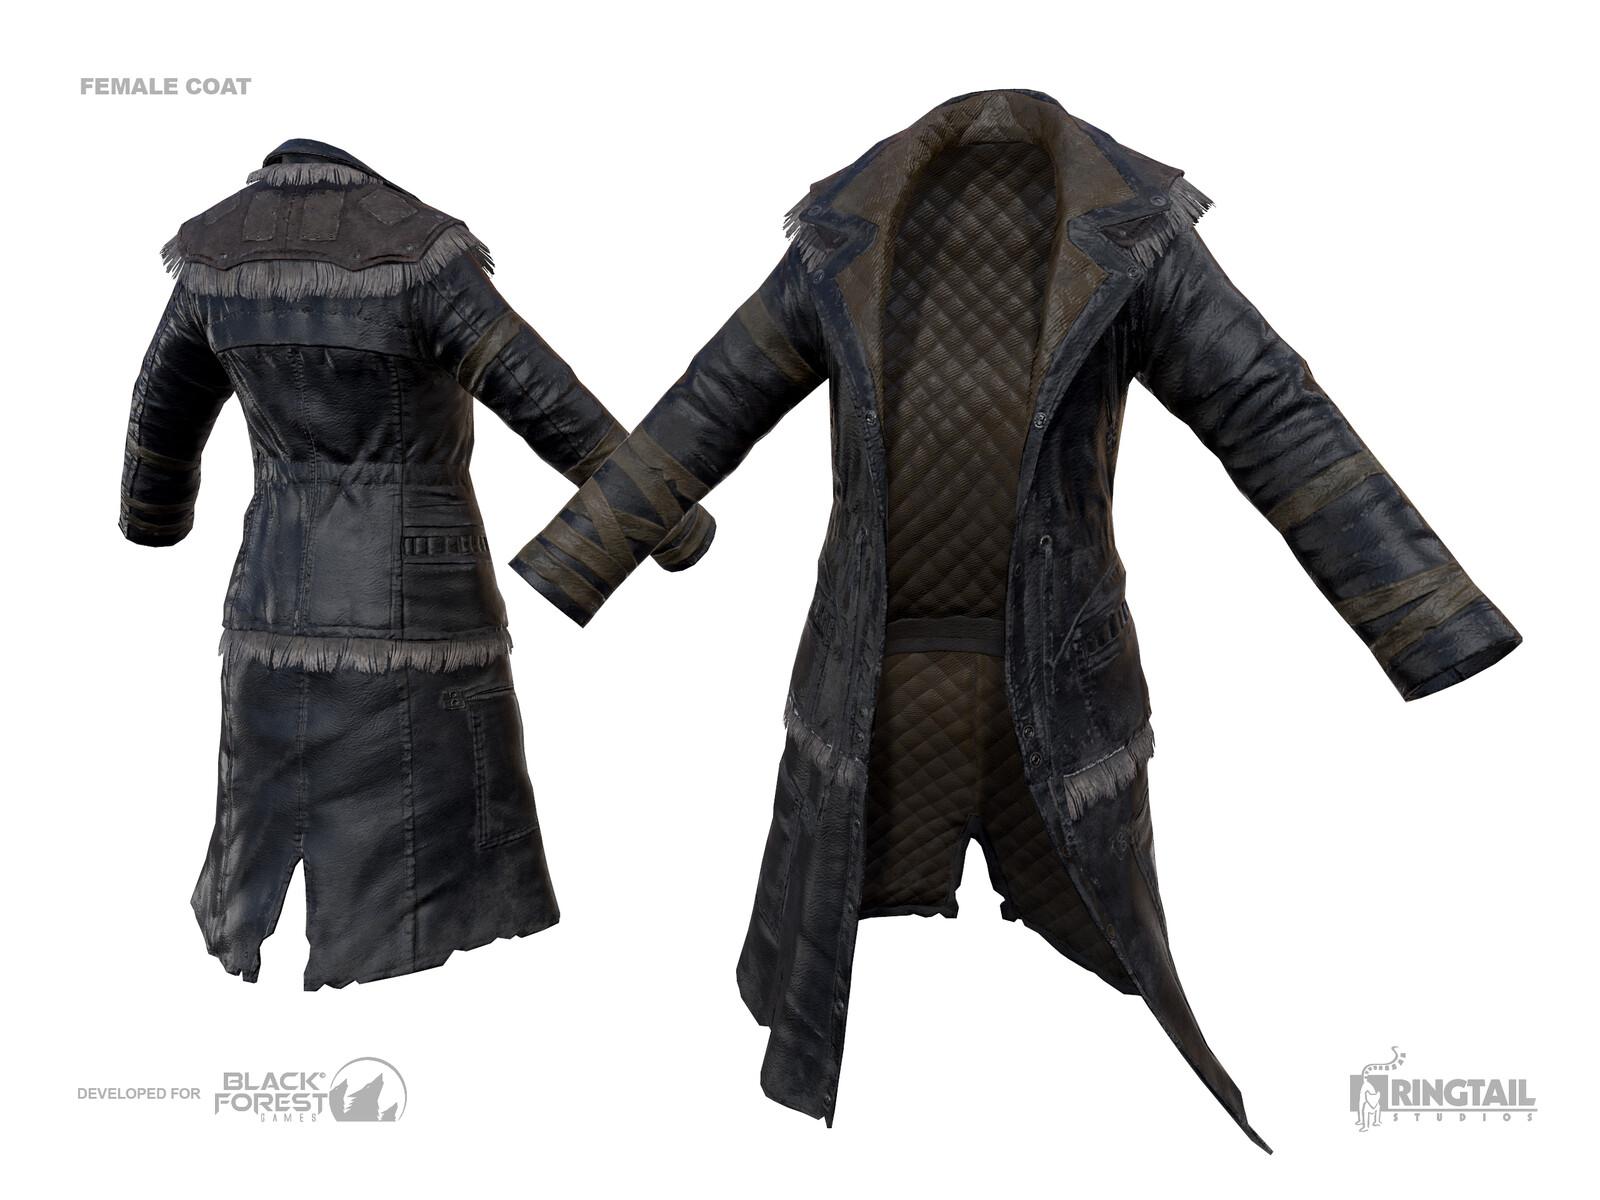 Female Coat